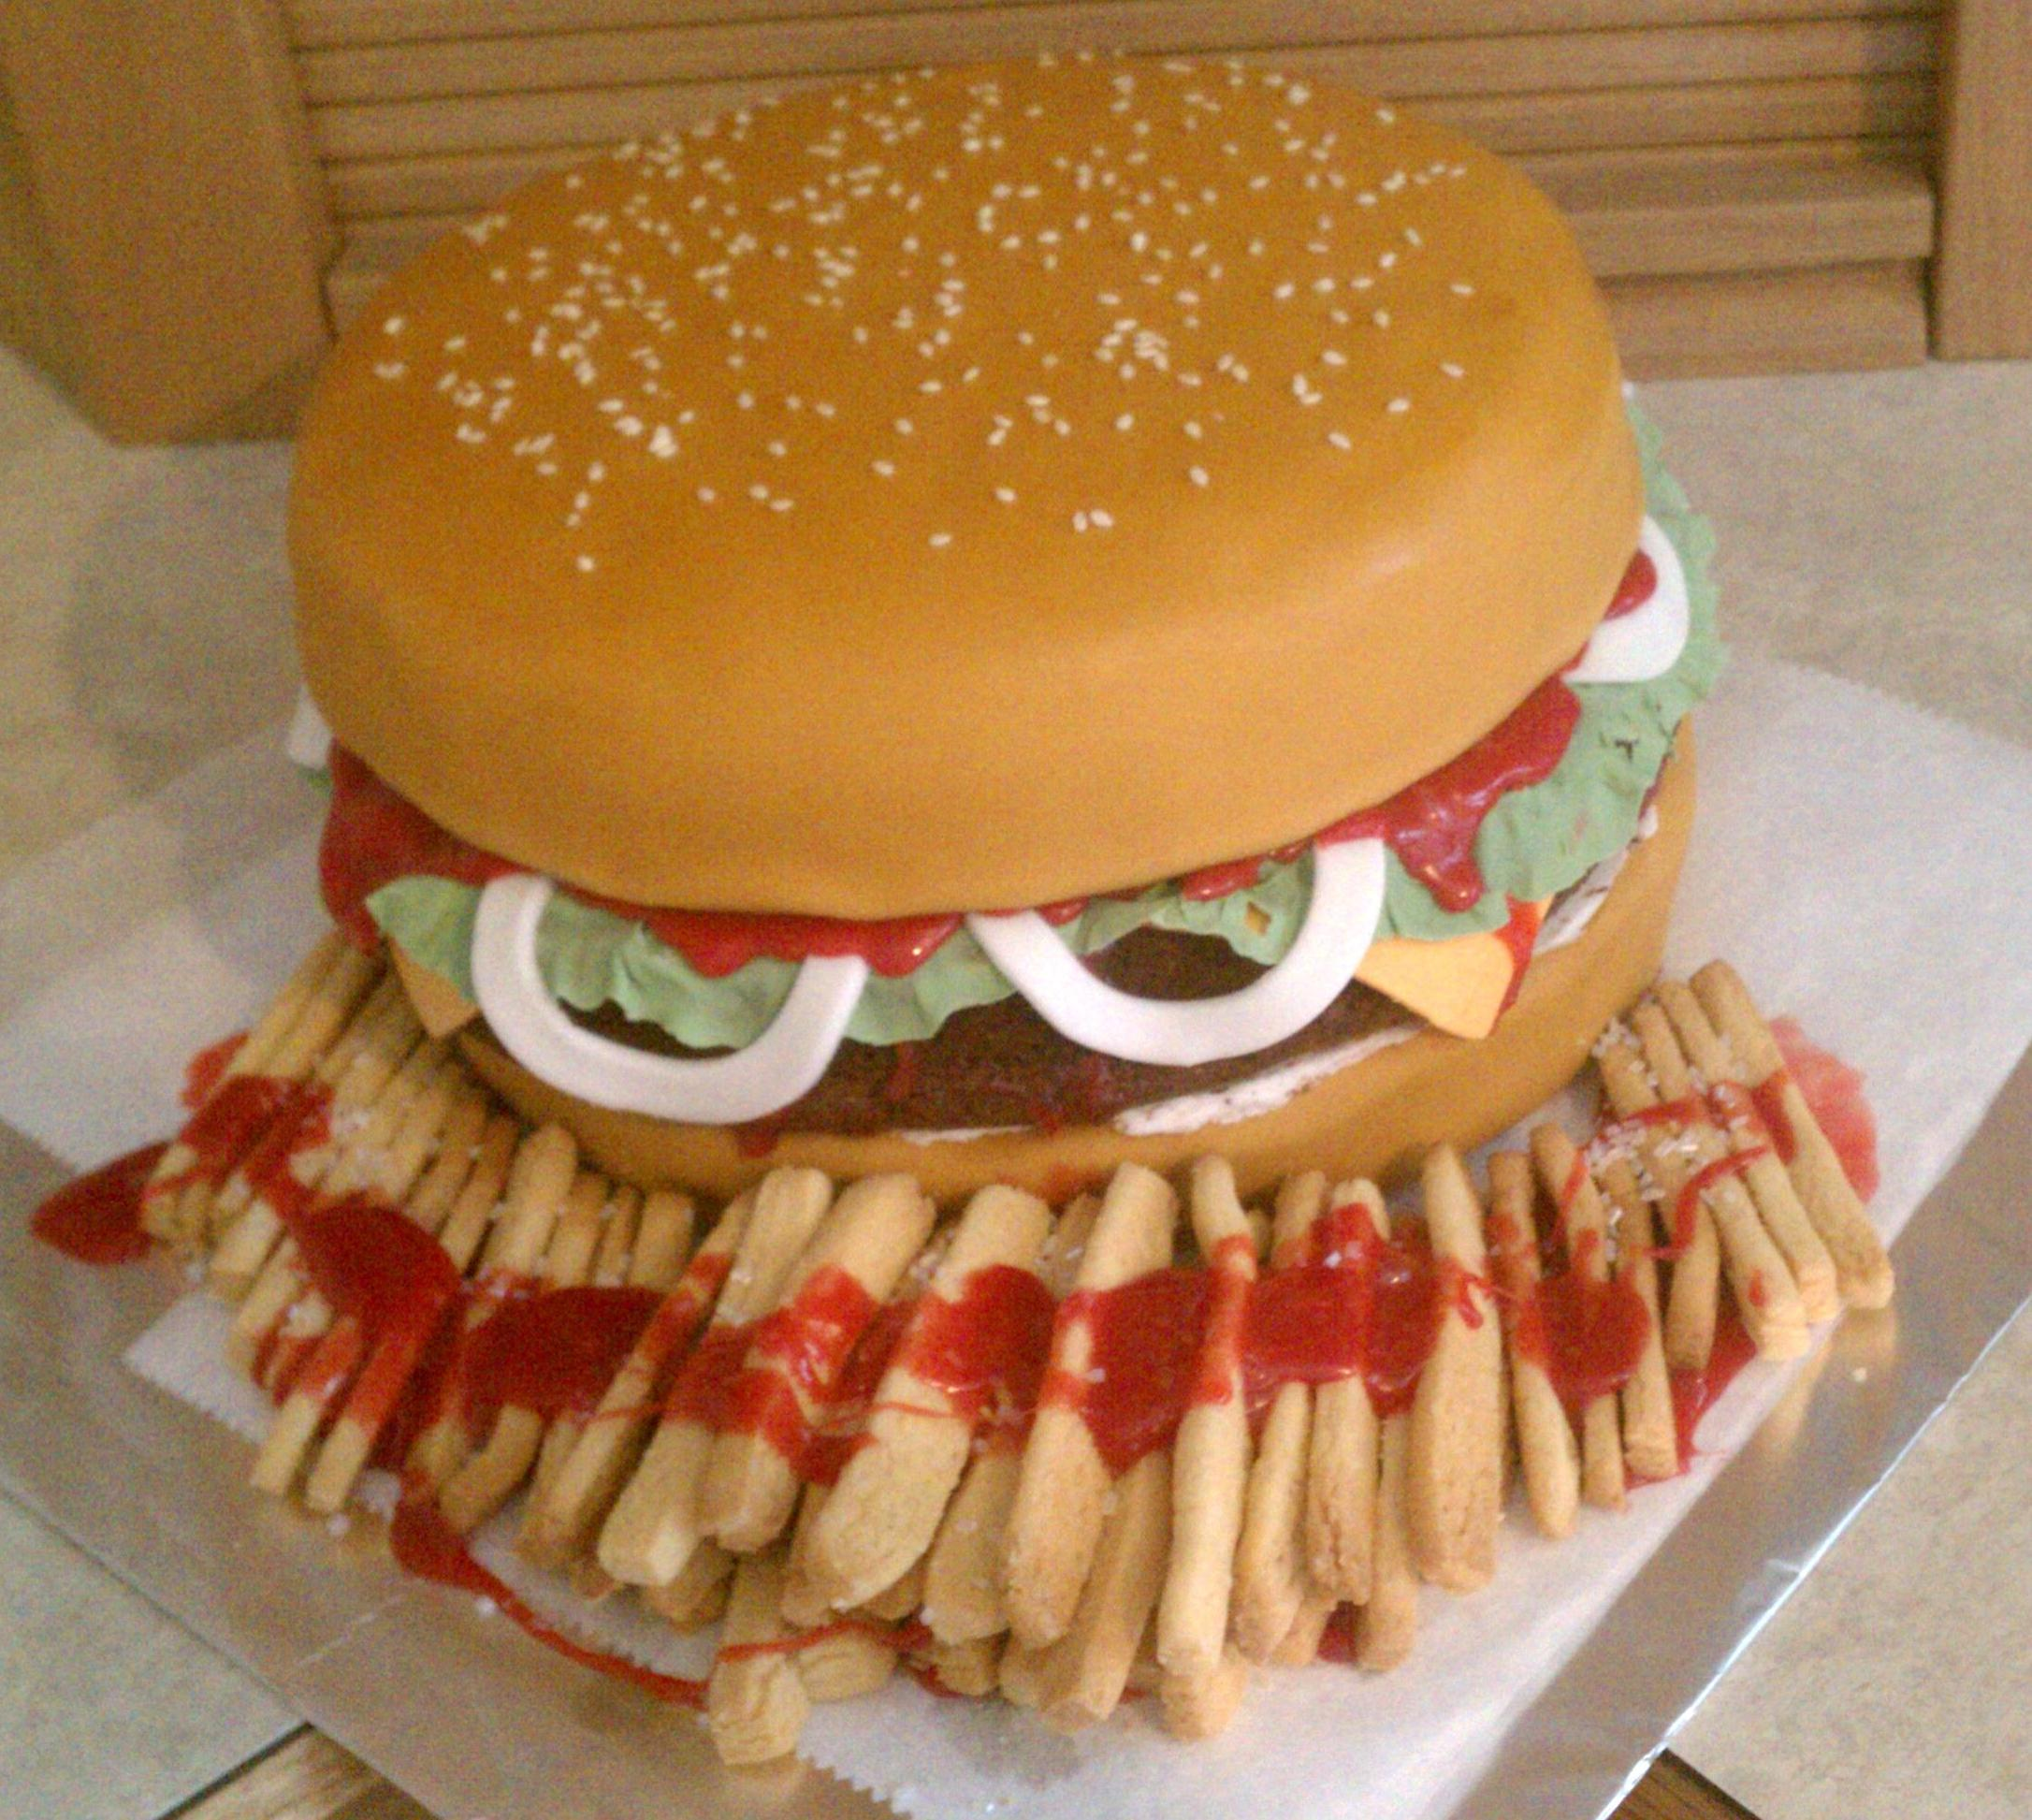 Hamburger Amp Fries Birthday Cake